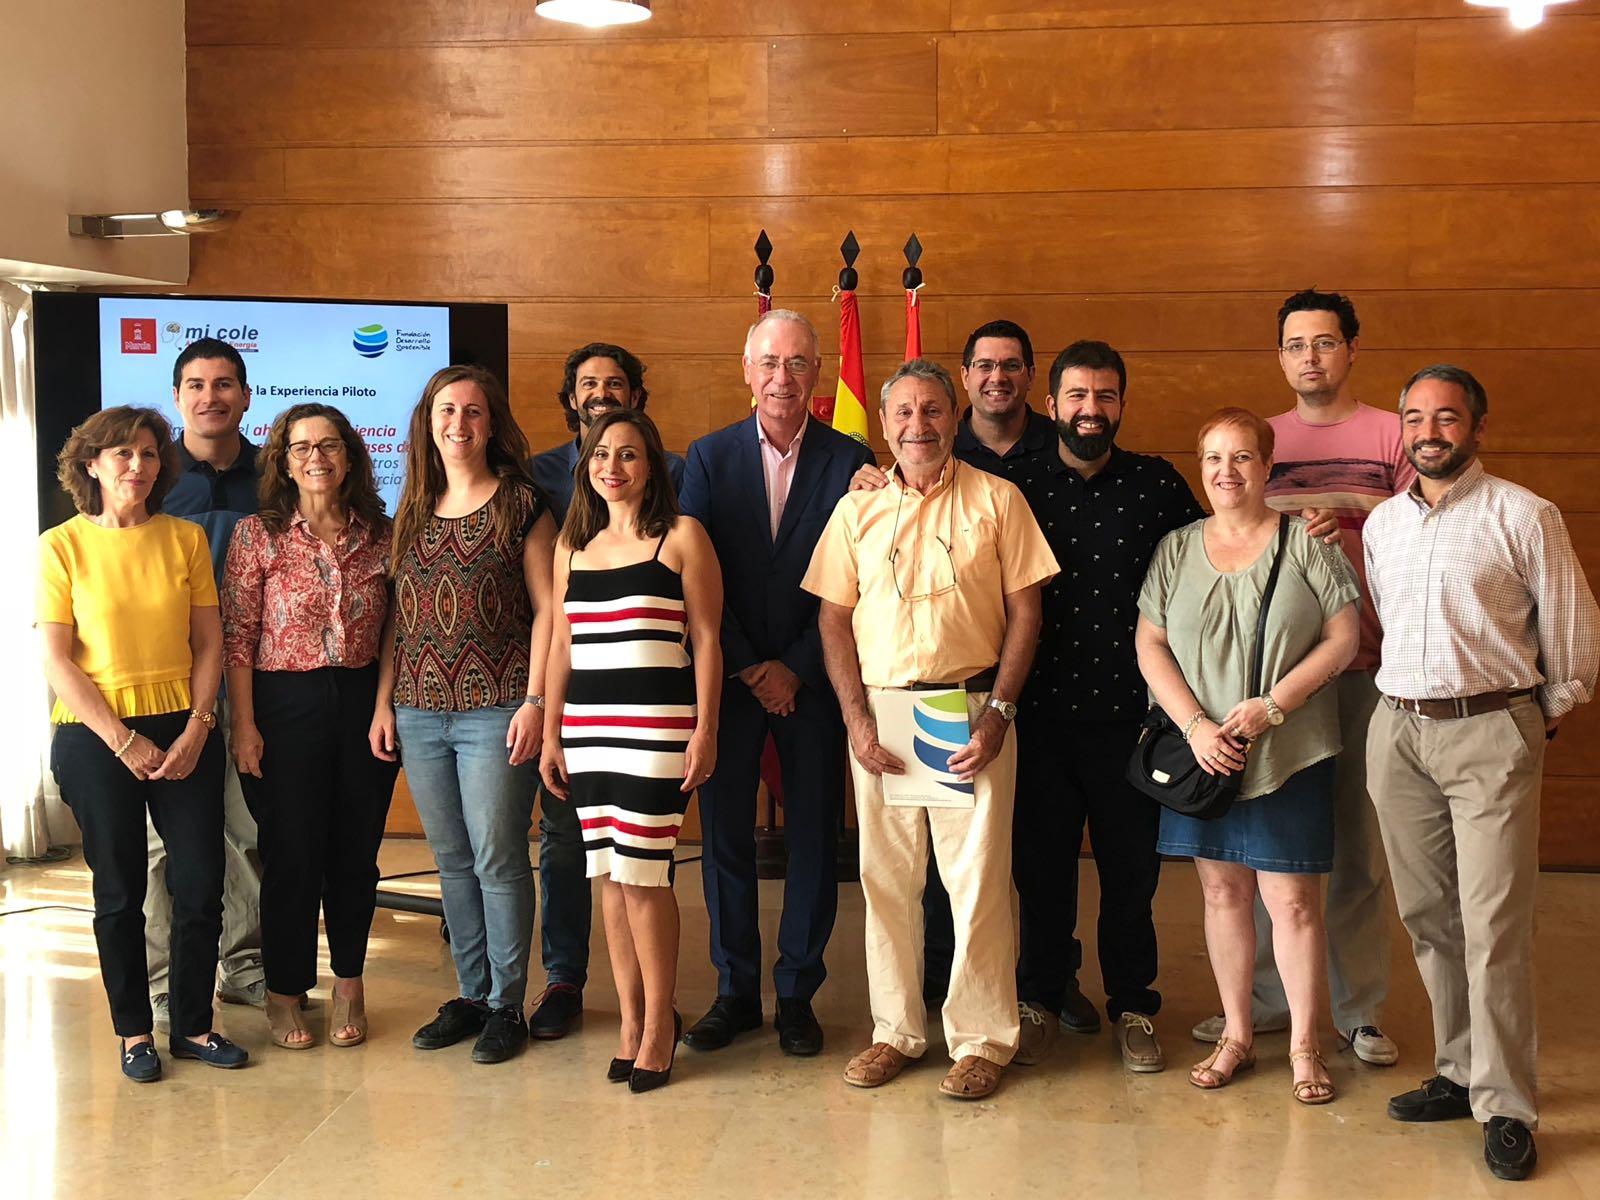 68426B33 C822 46D8 9C00 88F0834787B4 - El Ayuntamiento de Murcia reduce sus emisiones de CO2 en casi 2 toneladas durante el primer trimestre del 2018 gracias al proyecto 'Mi Cole Ahorra con Energía'